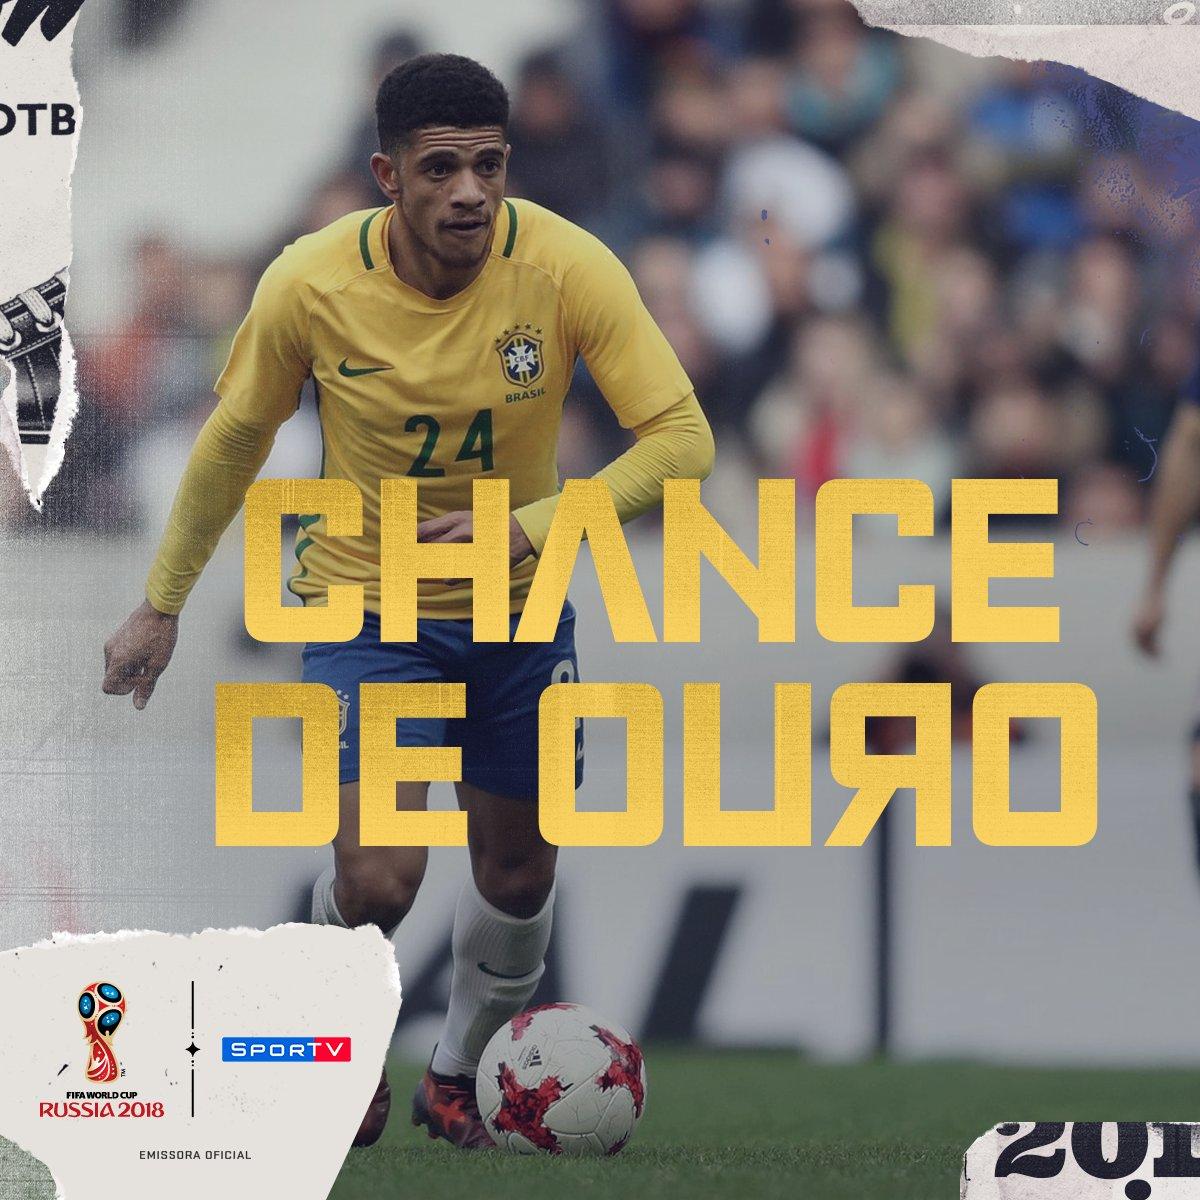 Neymar e Douglas Costa não devem ter condições de jogar o amistoso contra a Croácia! Com isso, Taison tem a oportunidade de mostrar porque foi convocado!  Acompanhe os jogos da #NossaSelecao no SporTV! #SouSporTVnaCopa